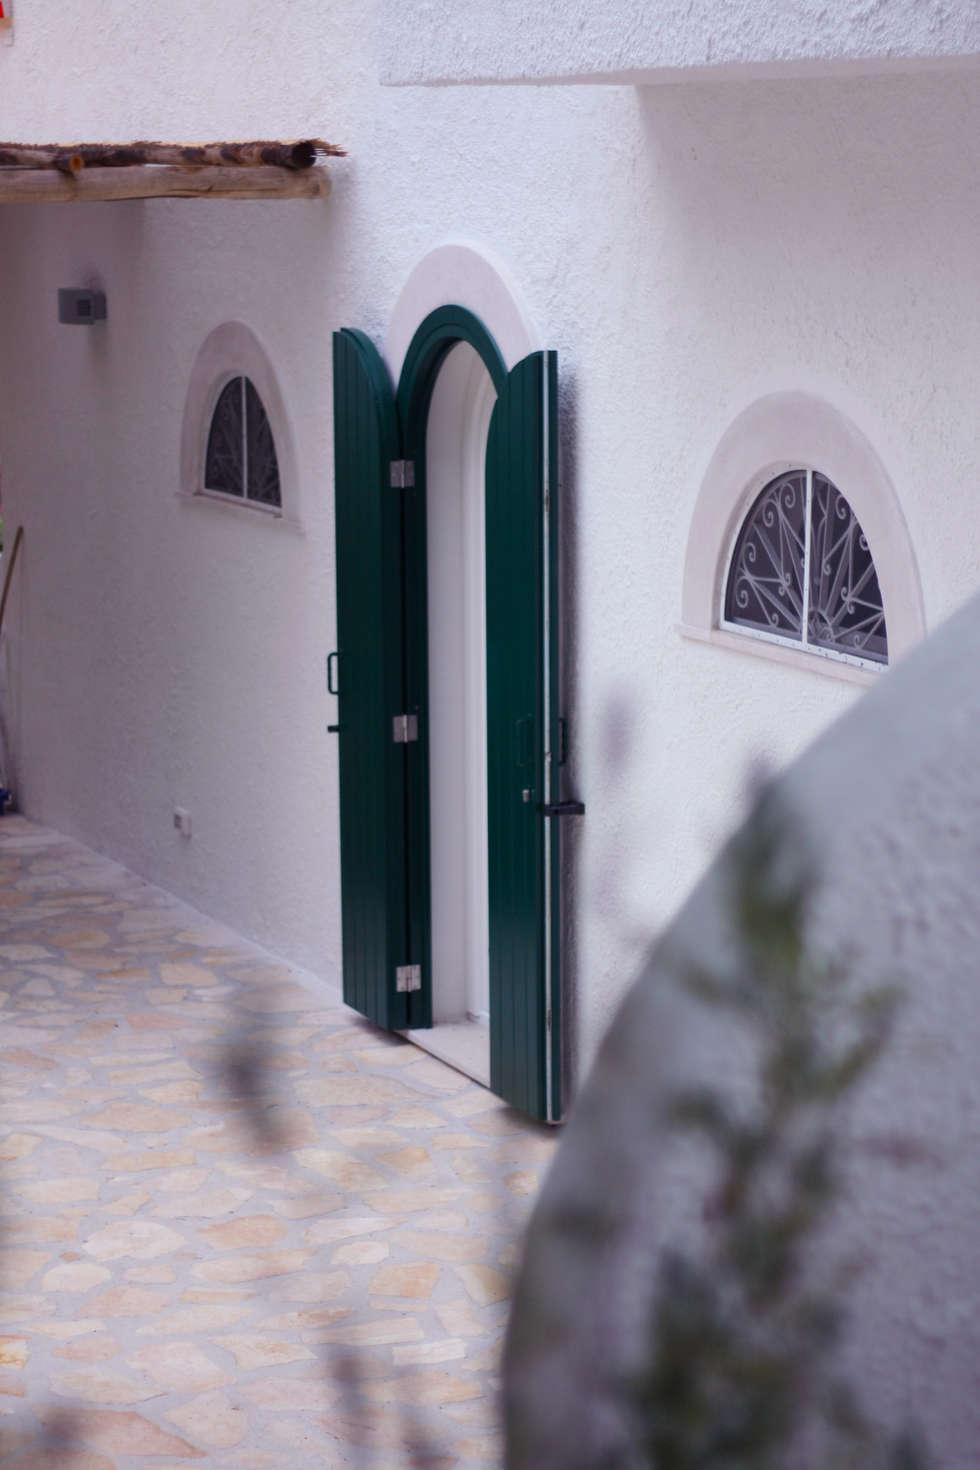 l'ingresso: Case in stile in stile Mediterraneo di Durango Studio di architettura e paesaggio